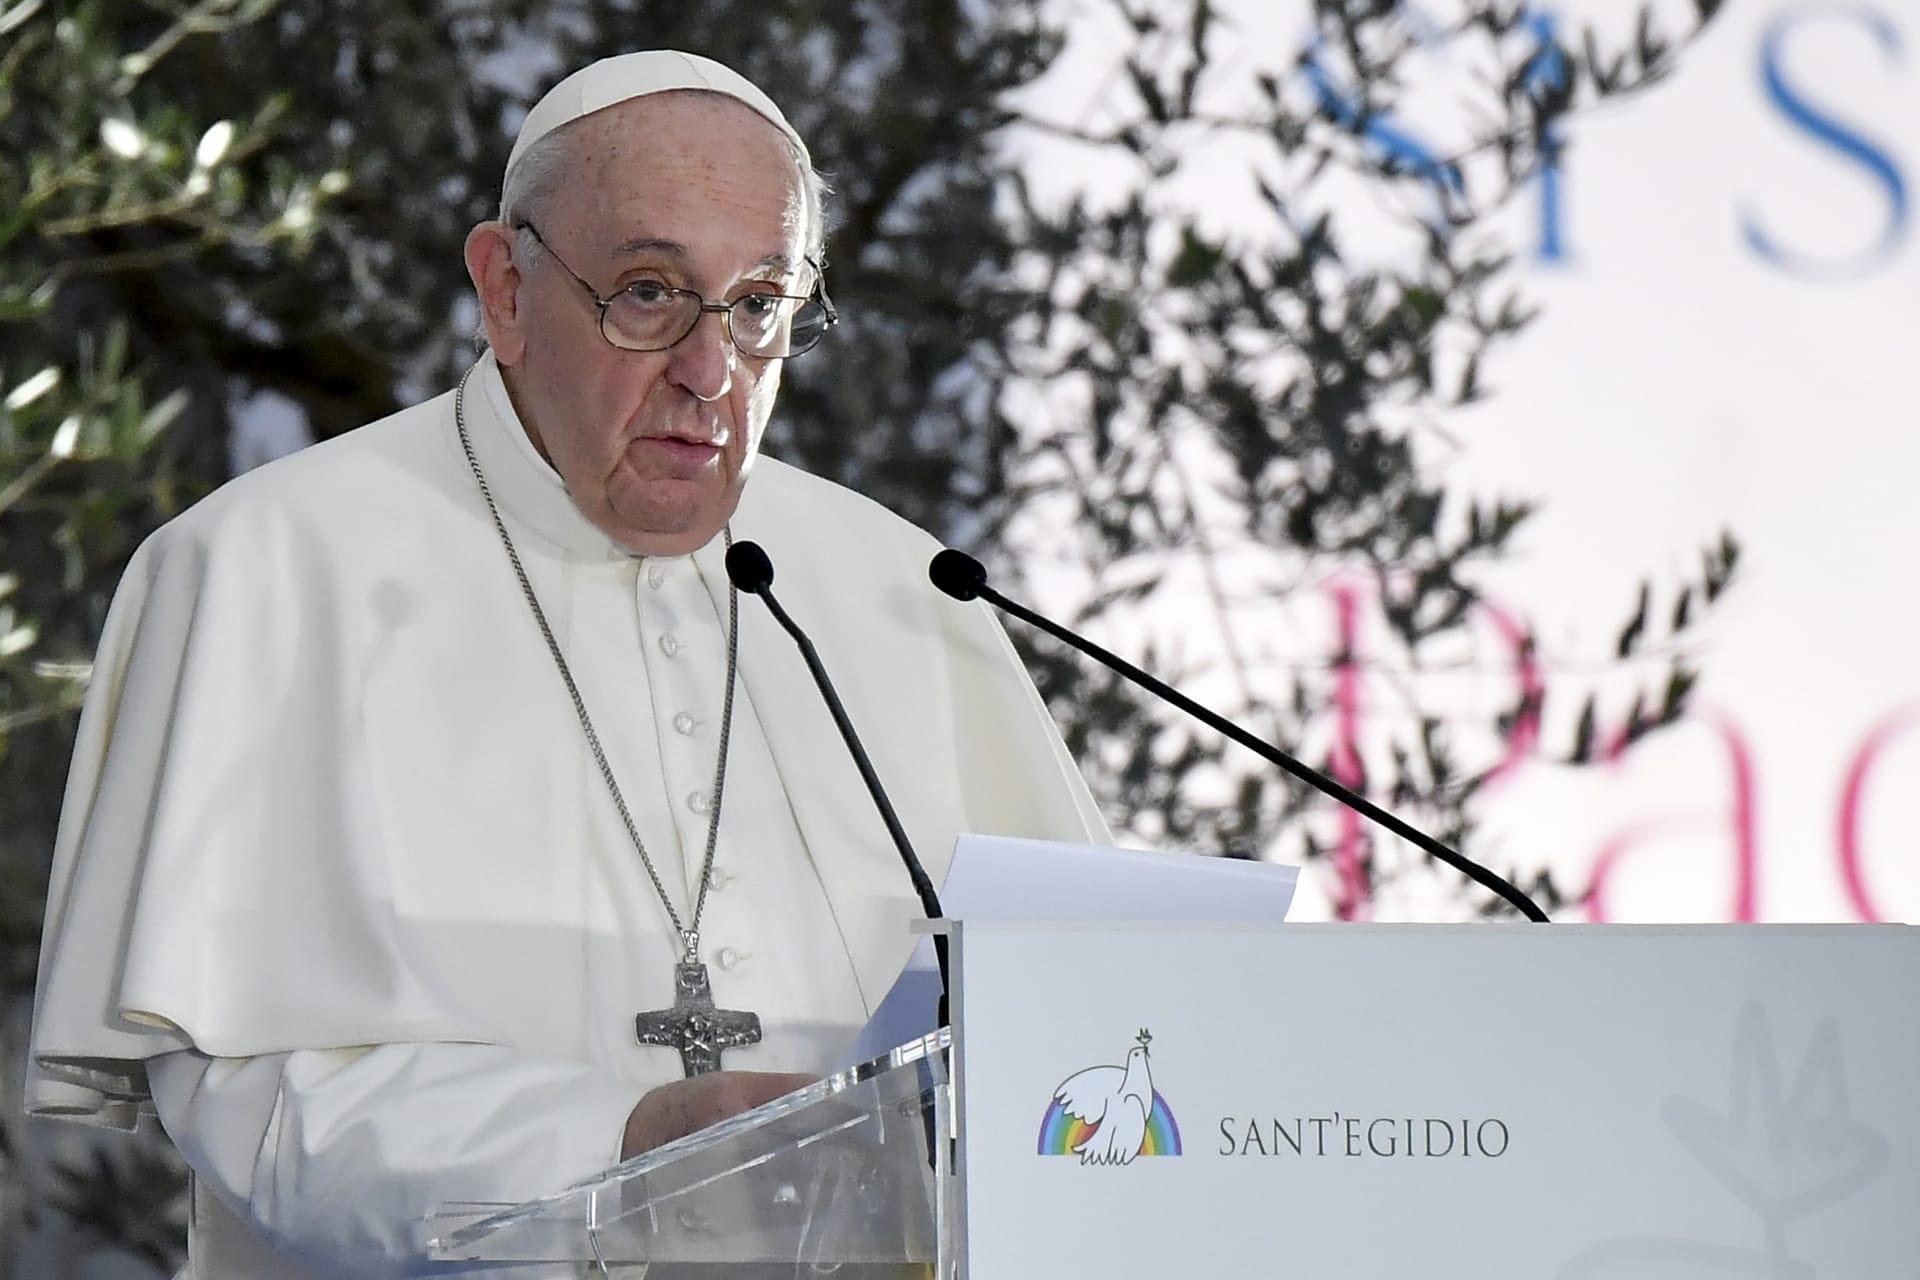 """البابا فرنسيس يدعو لحماية المثليين: """"أبناء الله"""" ويجب حمايتهم قانونيا"""